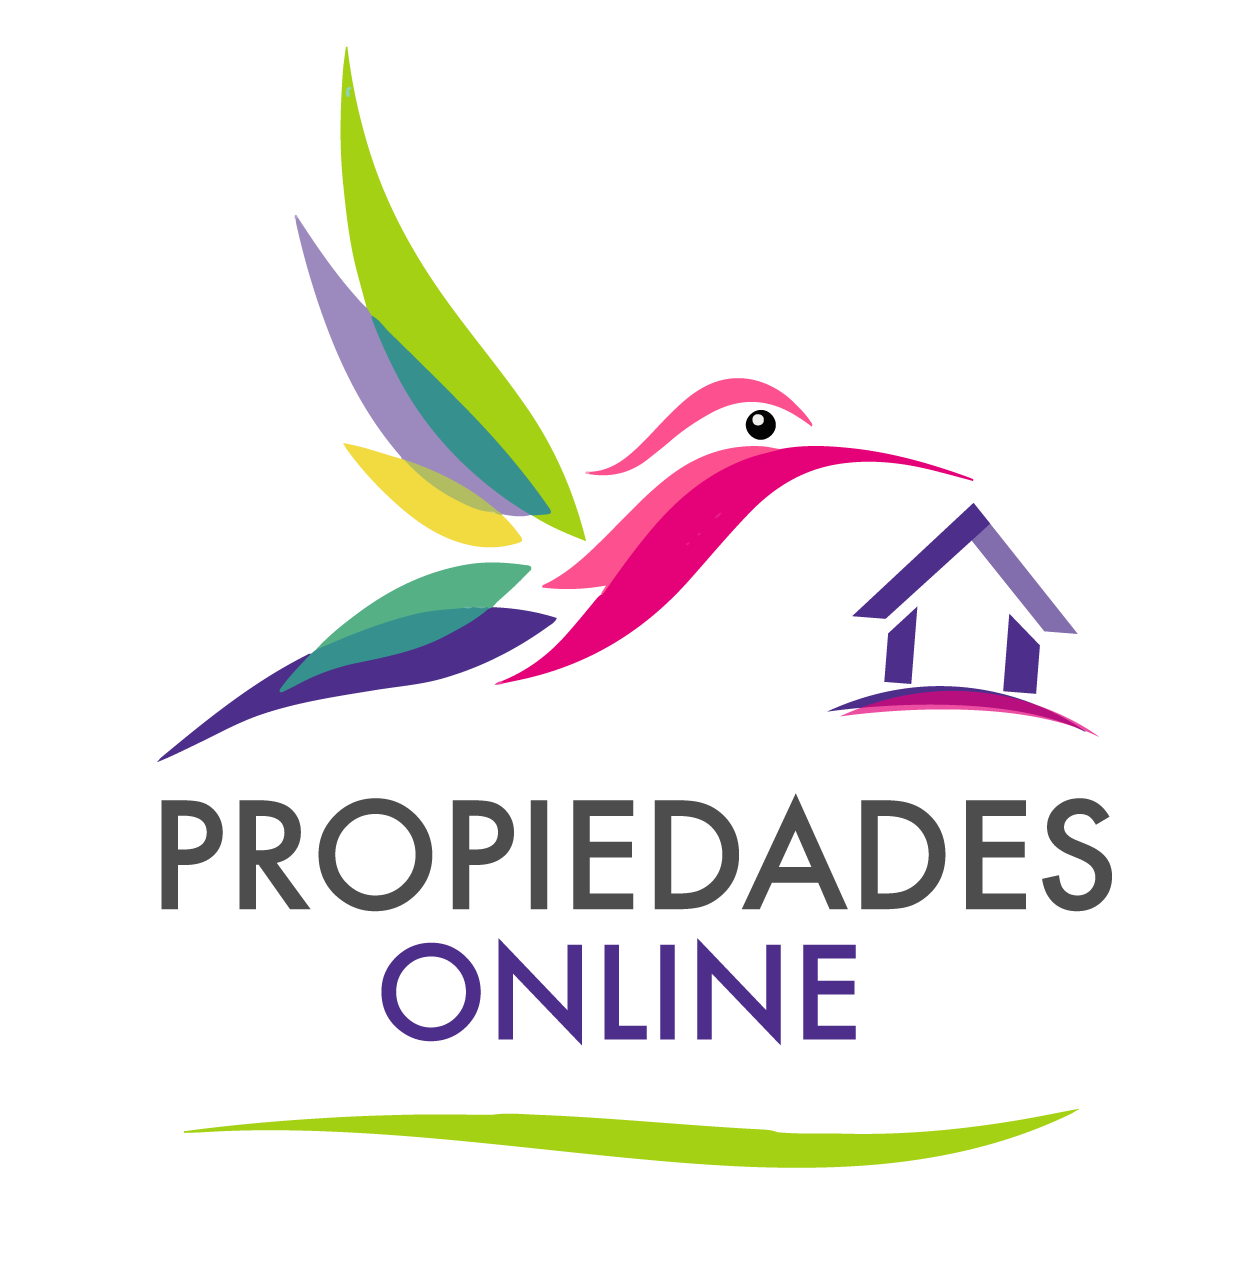 Propiedades Online, www.propiedadesonline.cl